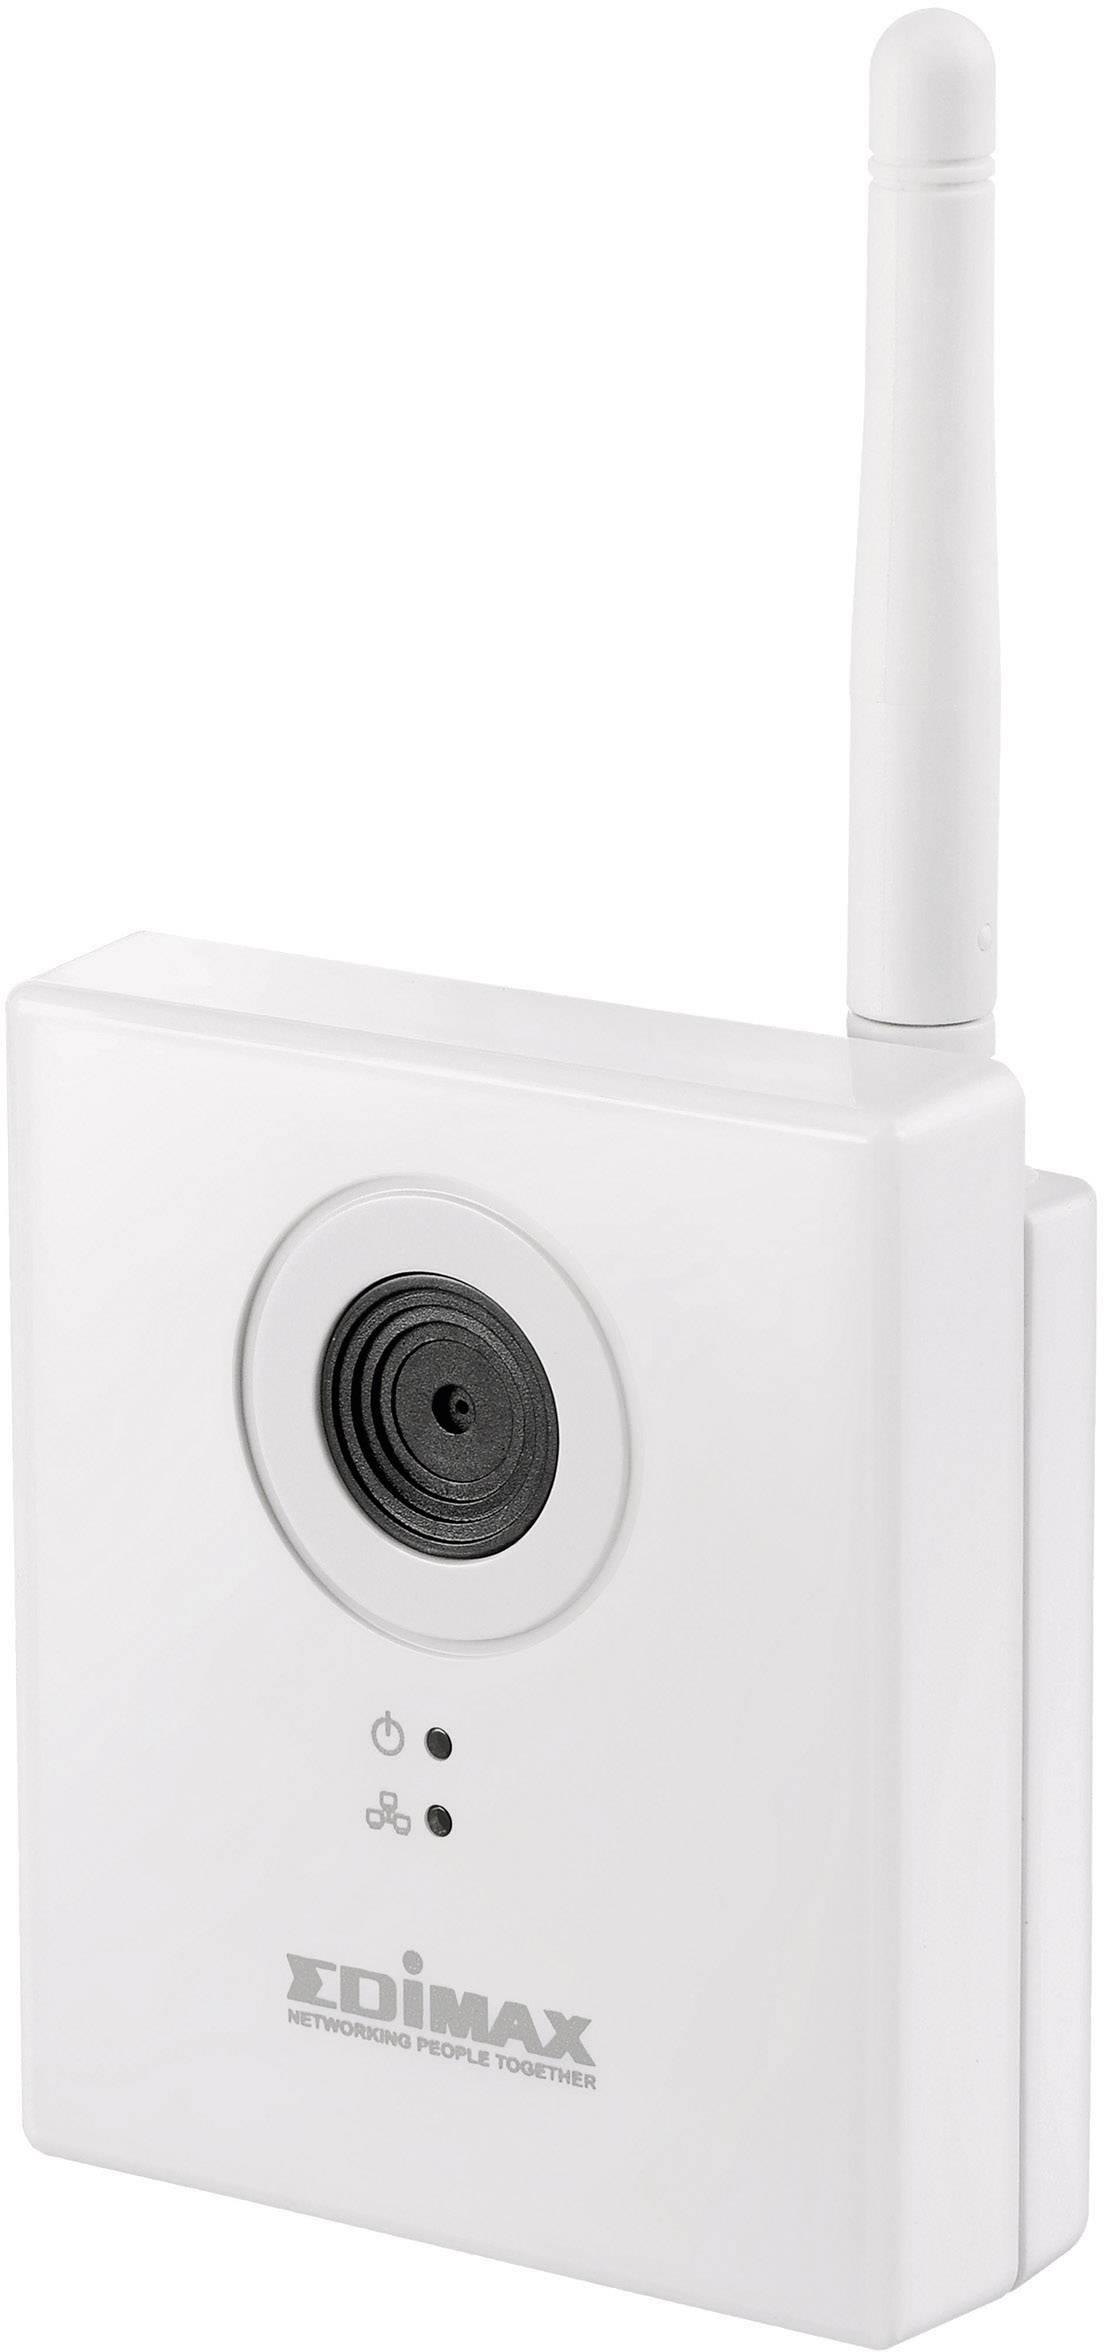 WLAN monitorovacia sieťová kamera